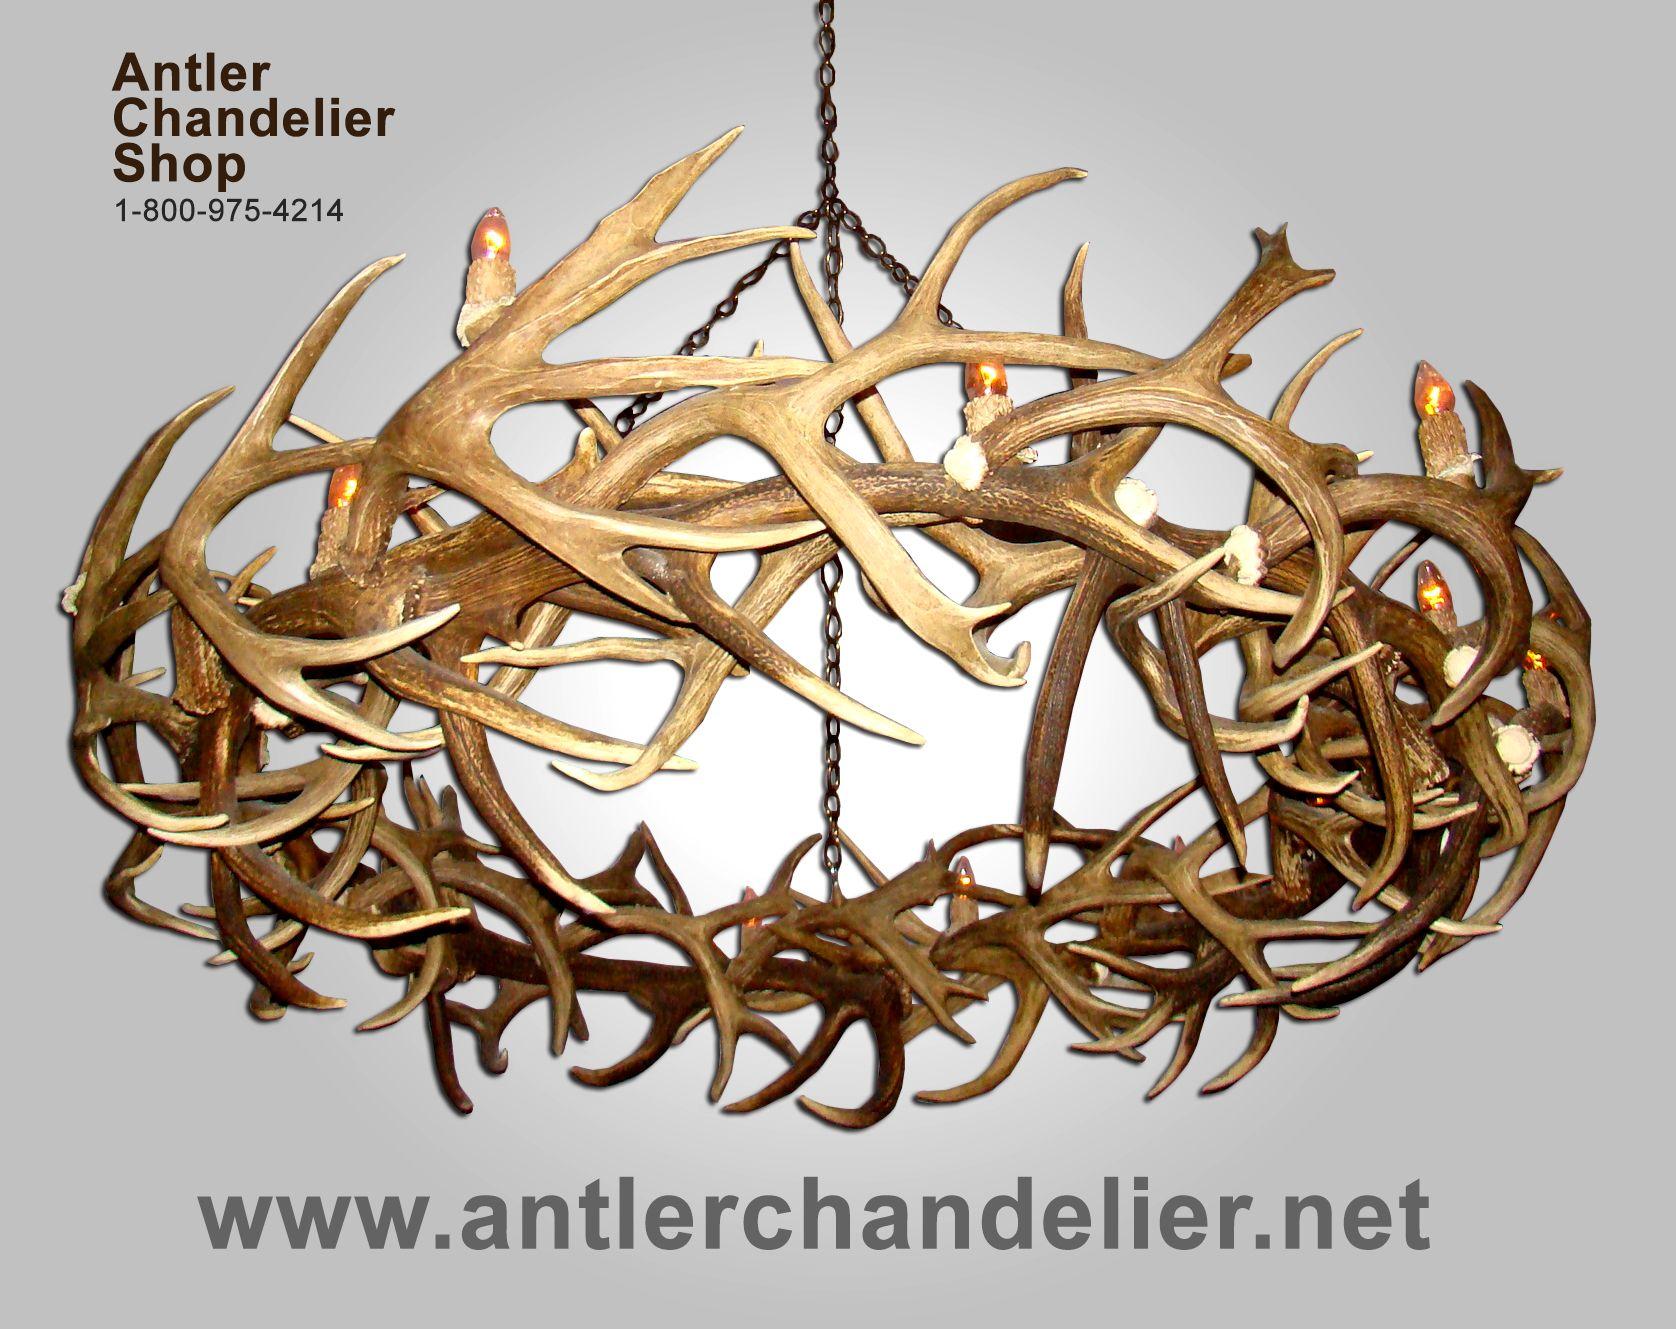 deer antler chandelier XL Antler Chandeliers